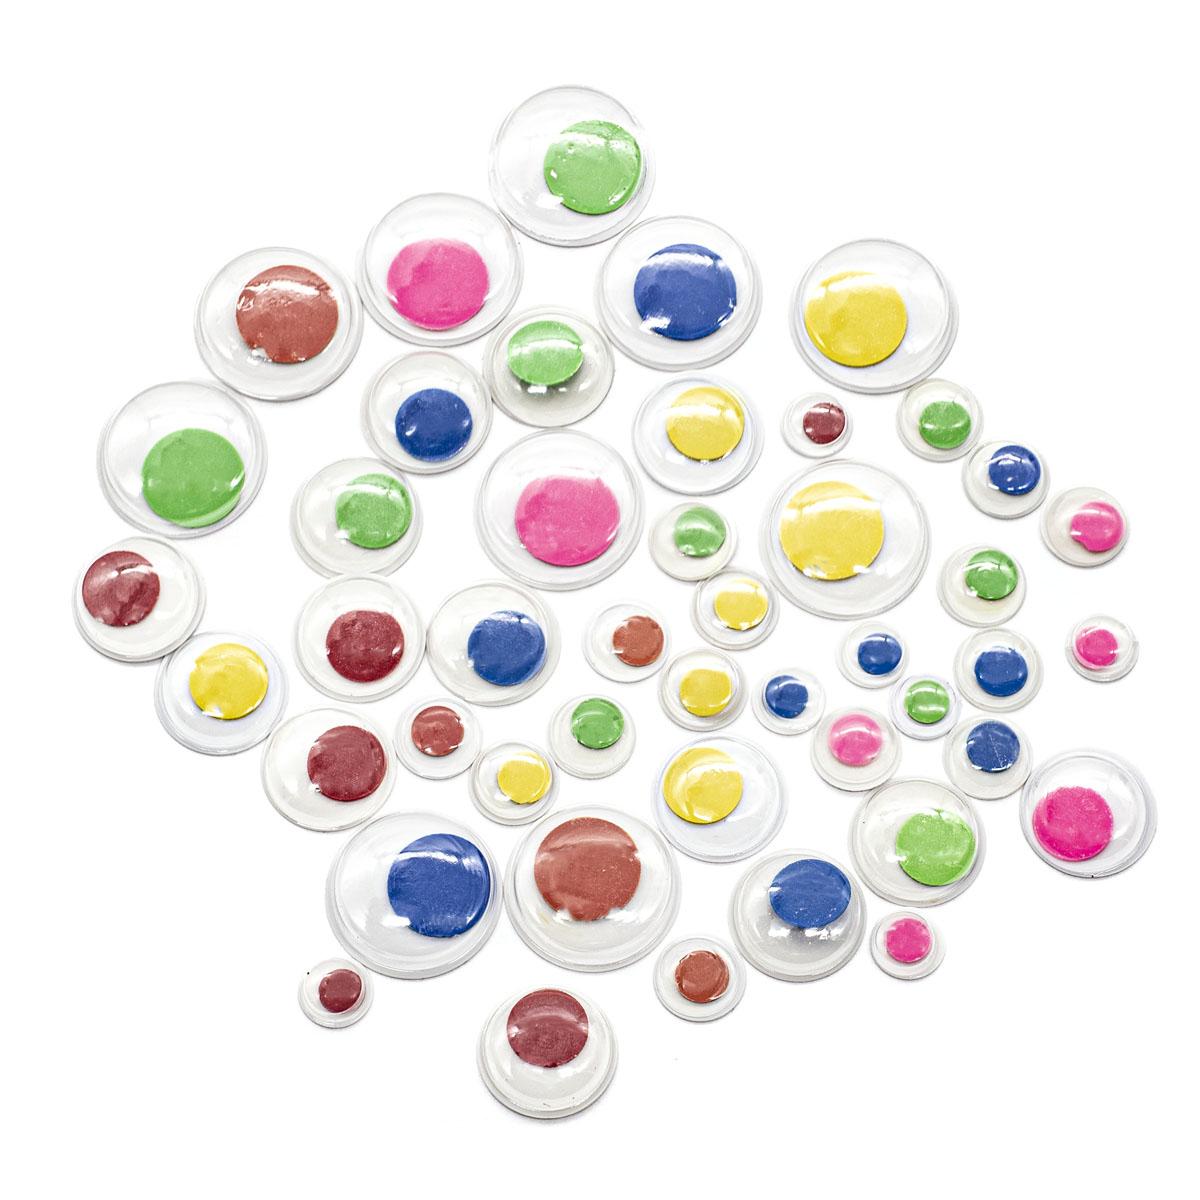 GPKK-AS/01 Глазки для игрушек пластмассовые круглые 'Рукоделие' упак/75шт. (ассорти цветов/размеров)